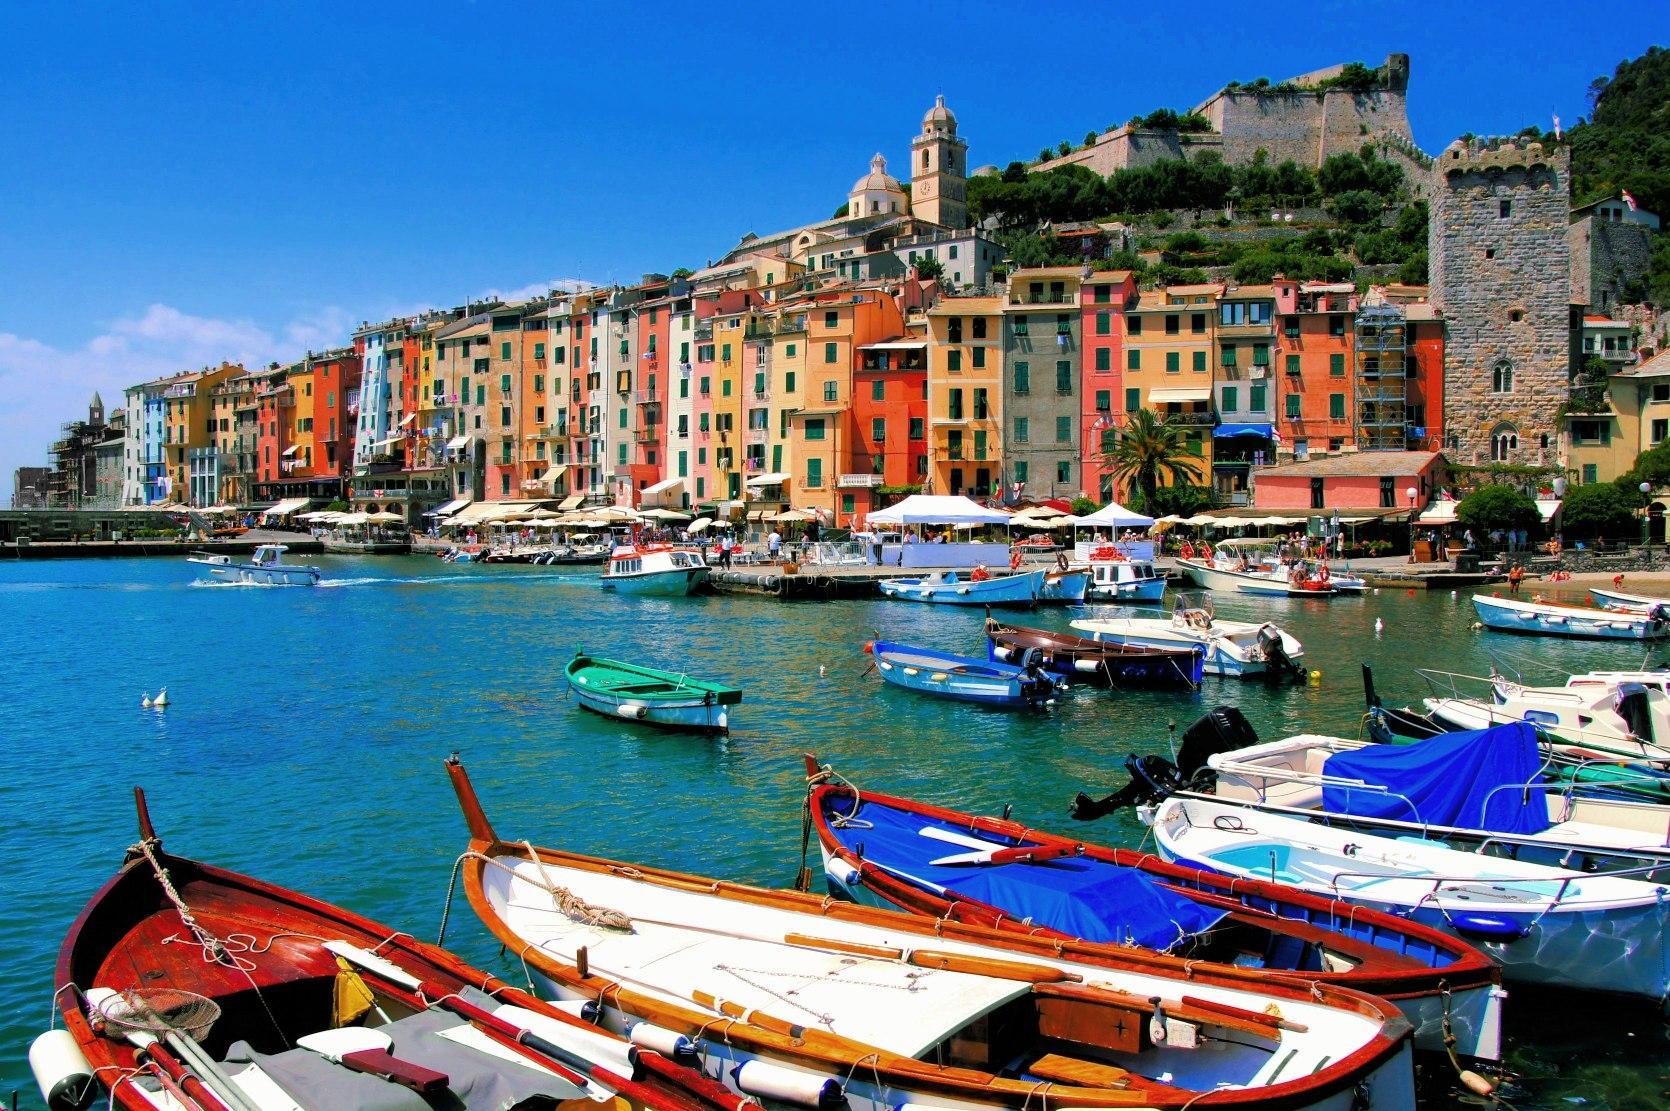 Portovenere (Liguria)